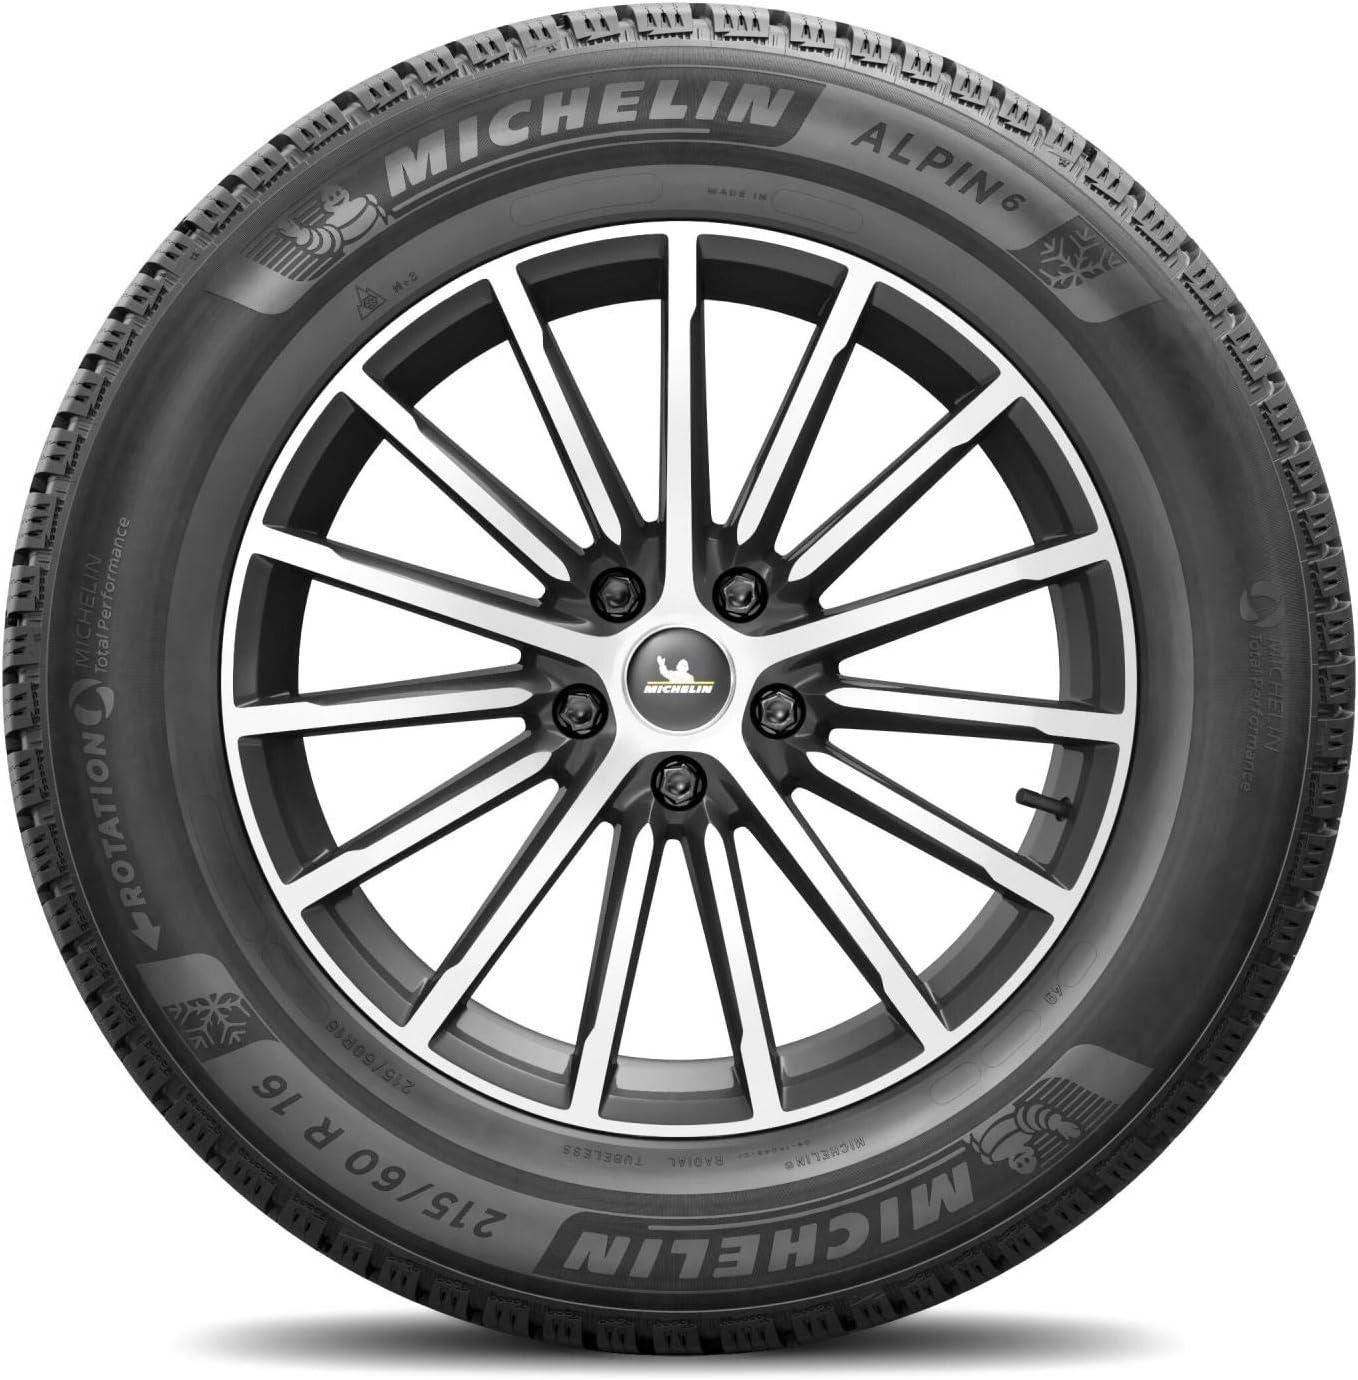 Reifen Winter Michelin Alpin 6 215 60 R16 99t Xl Auto